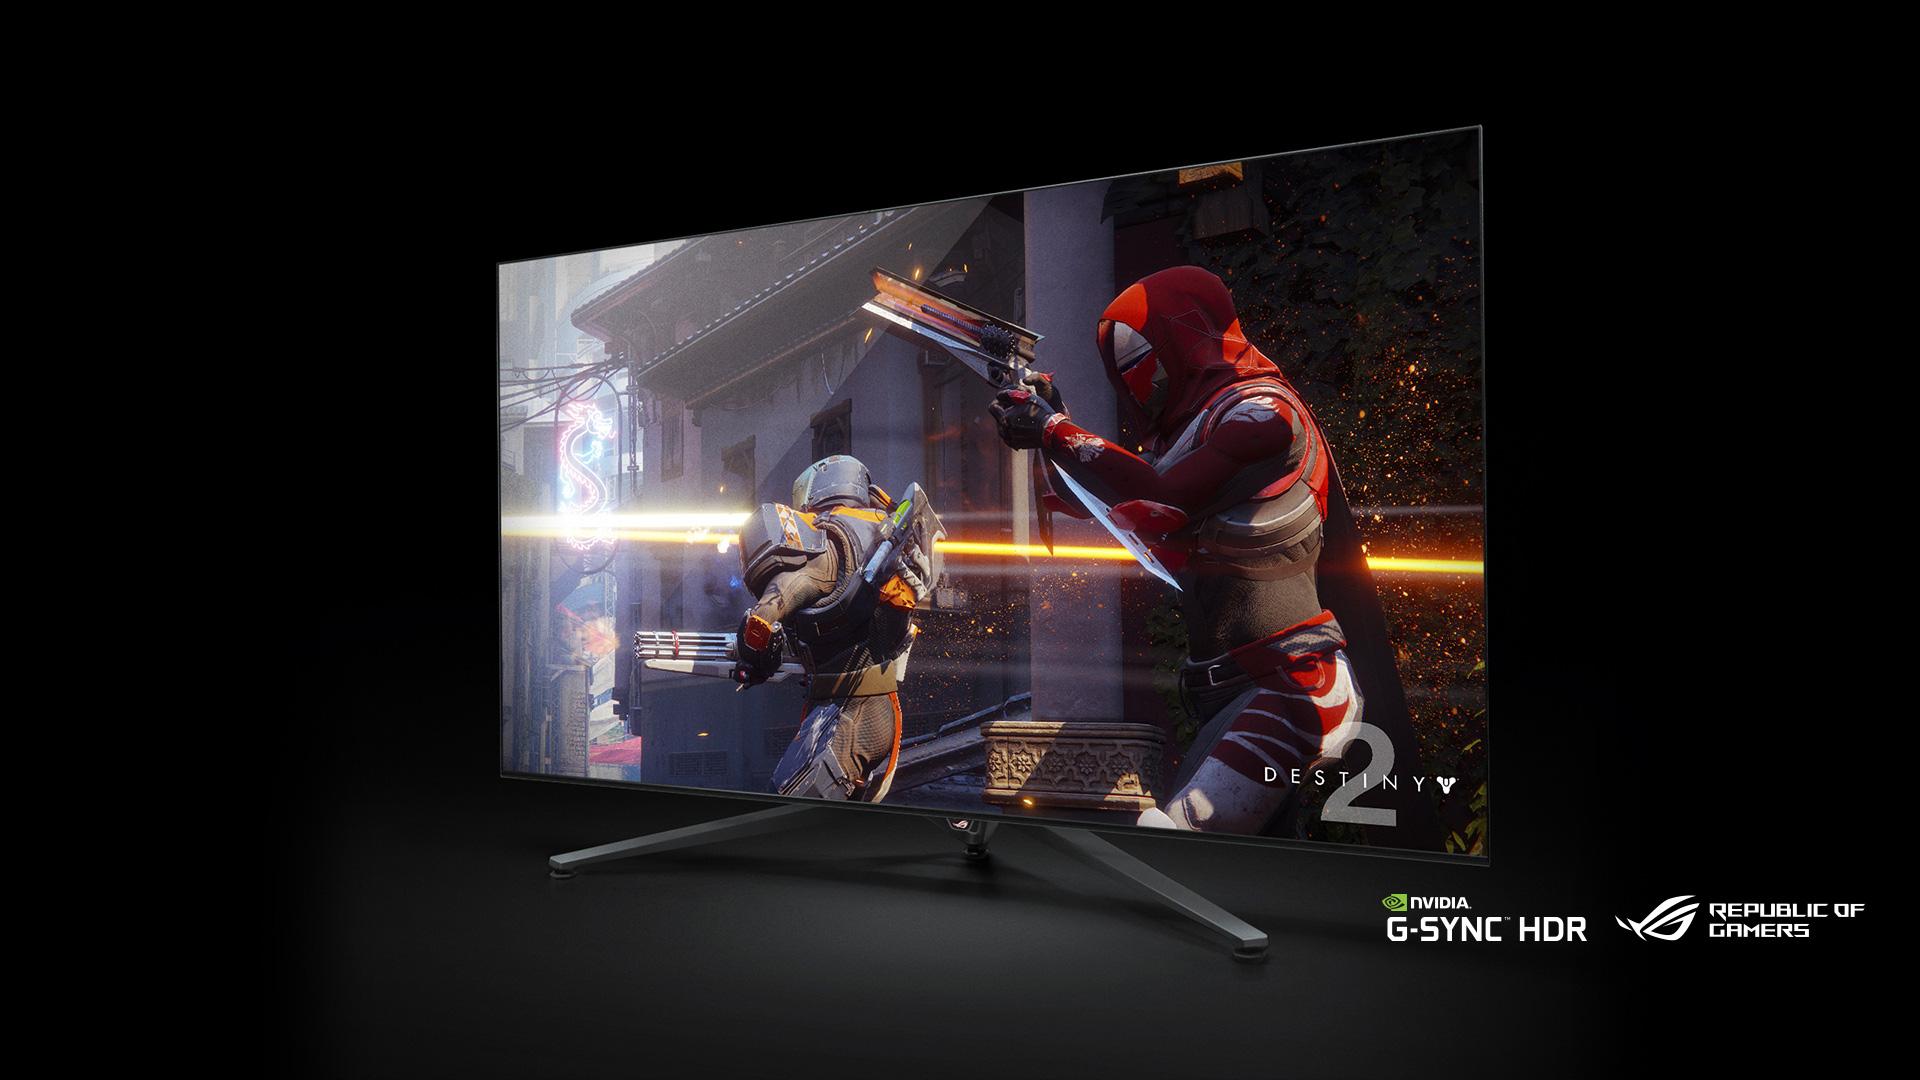 Xu hướng công nghệ Tivi nào sẽ bùng nổ trong năm 2020 - Ảnh 5.